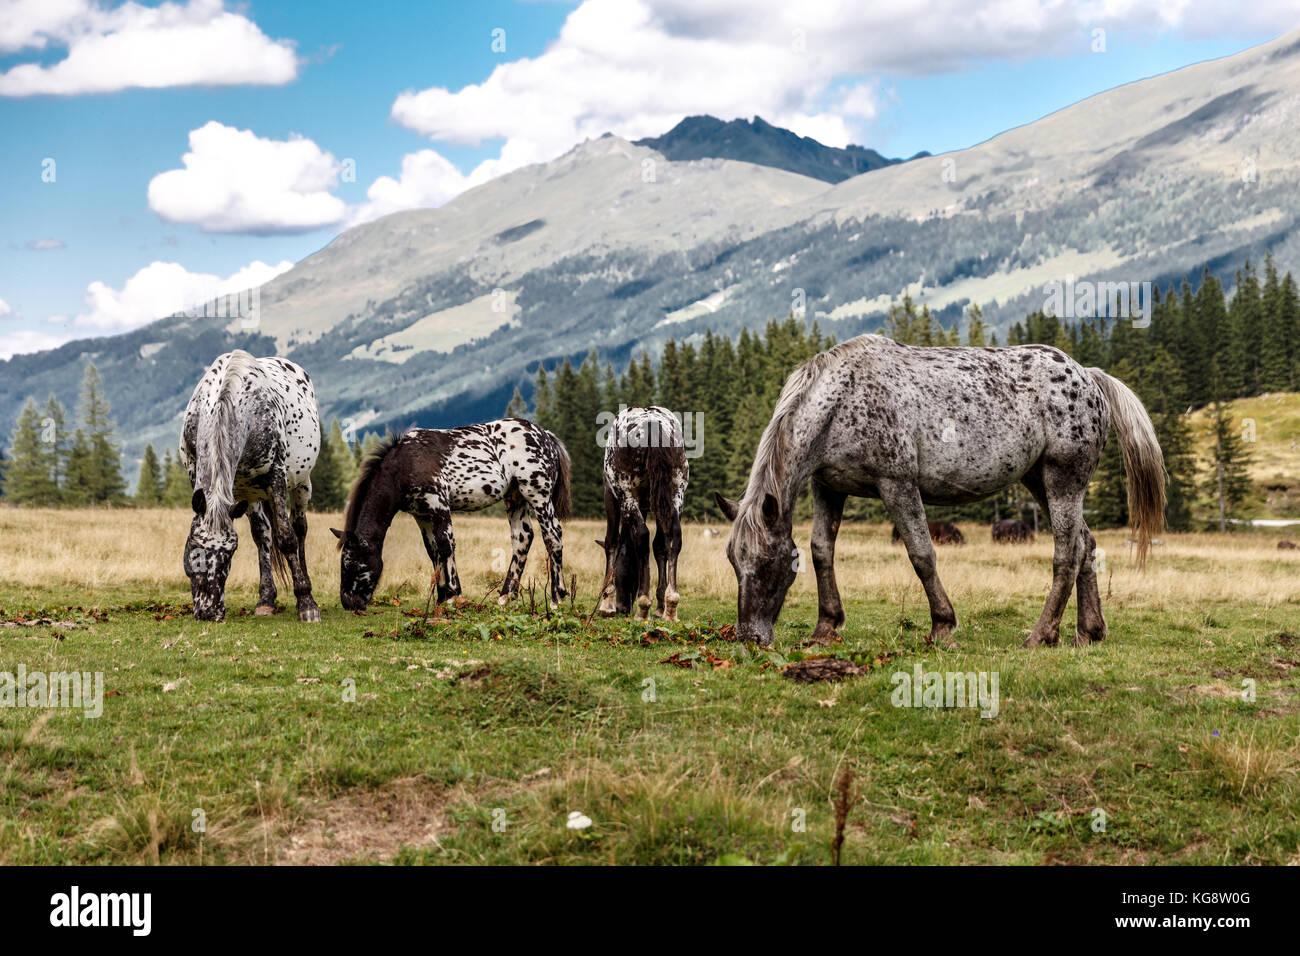 Pferde auf der Alm, Horse on the pasture - Stock Image